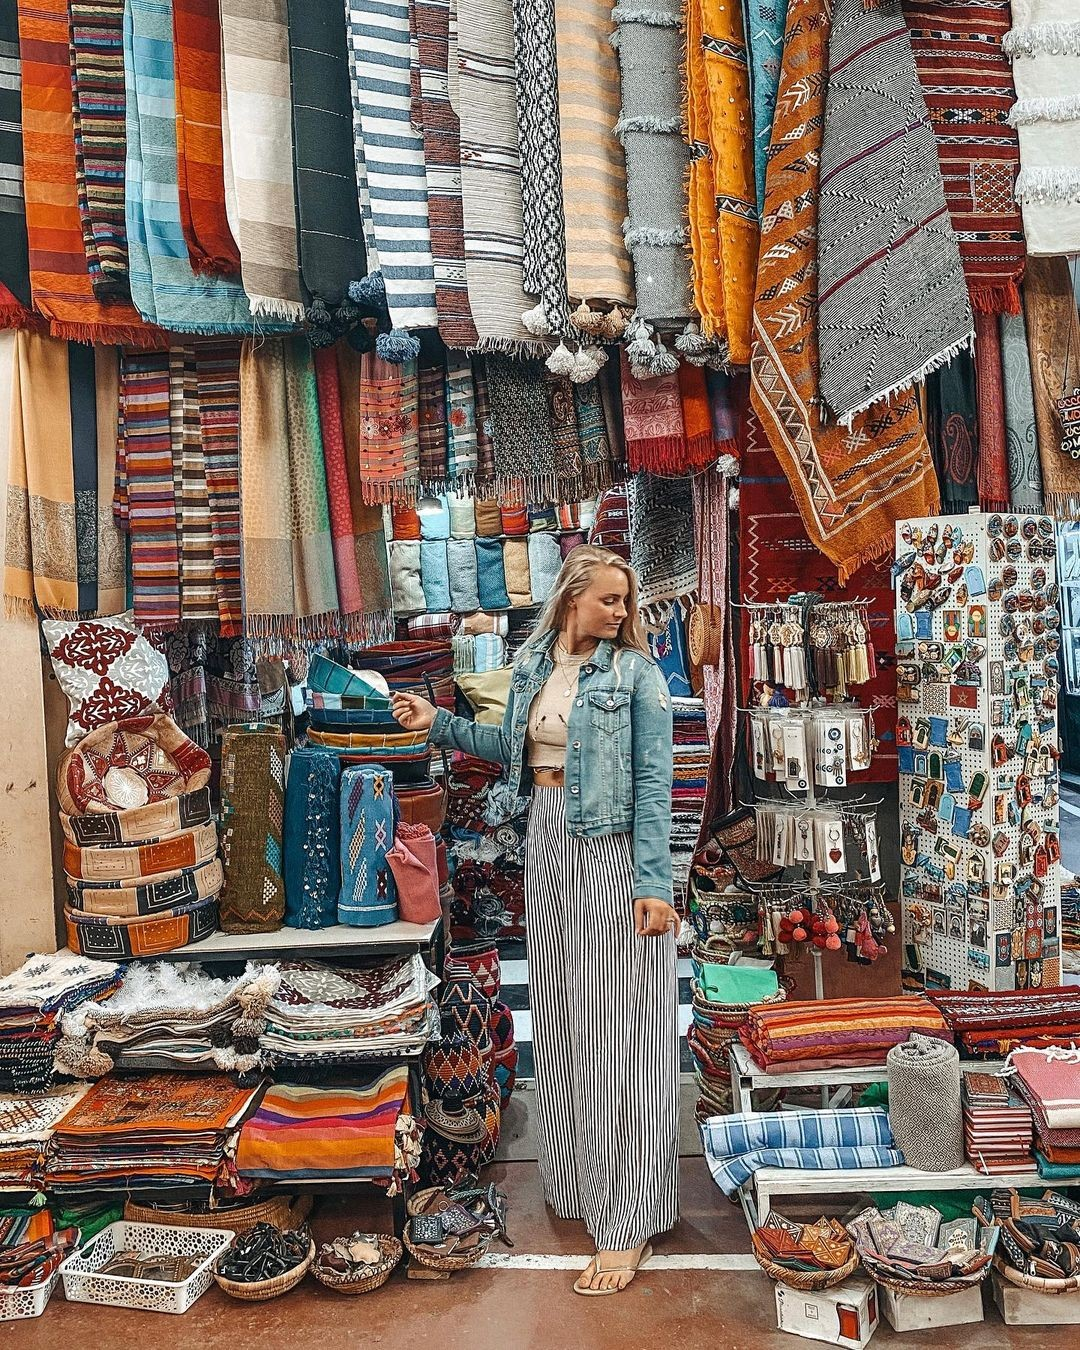 Souk El Had Agadir Morocco